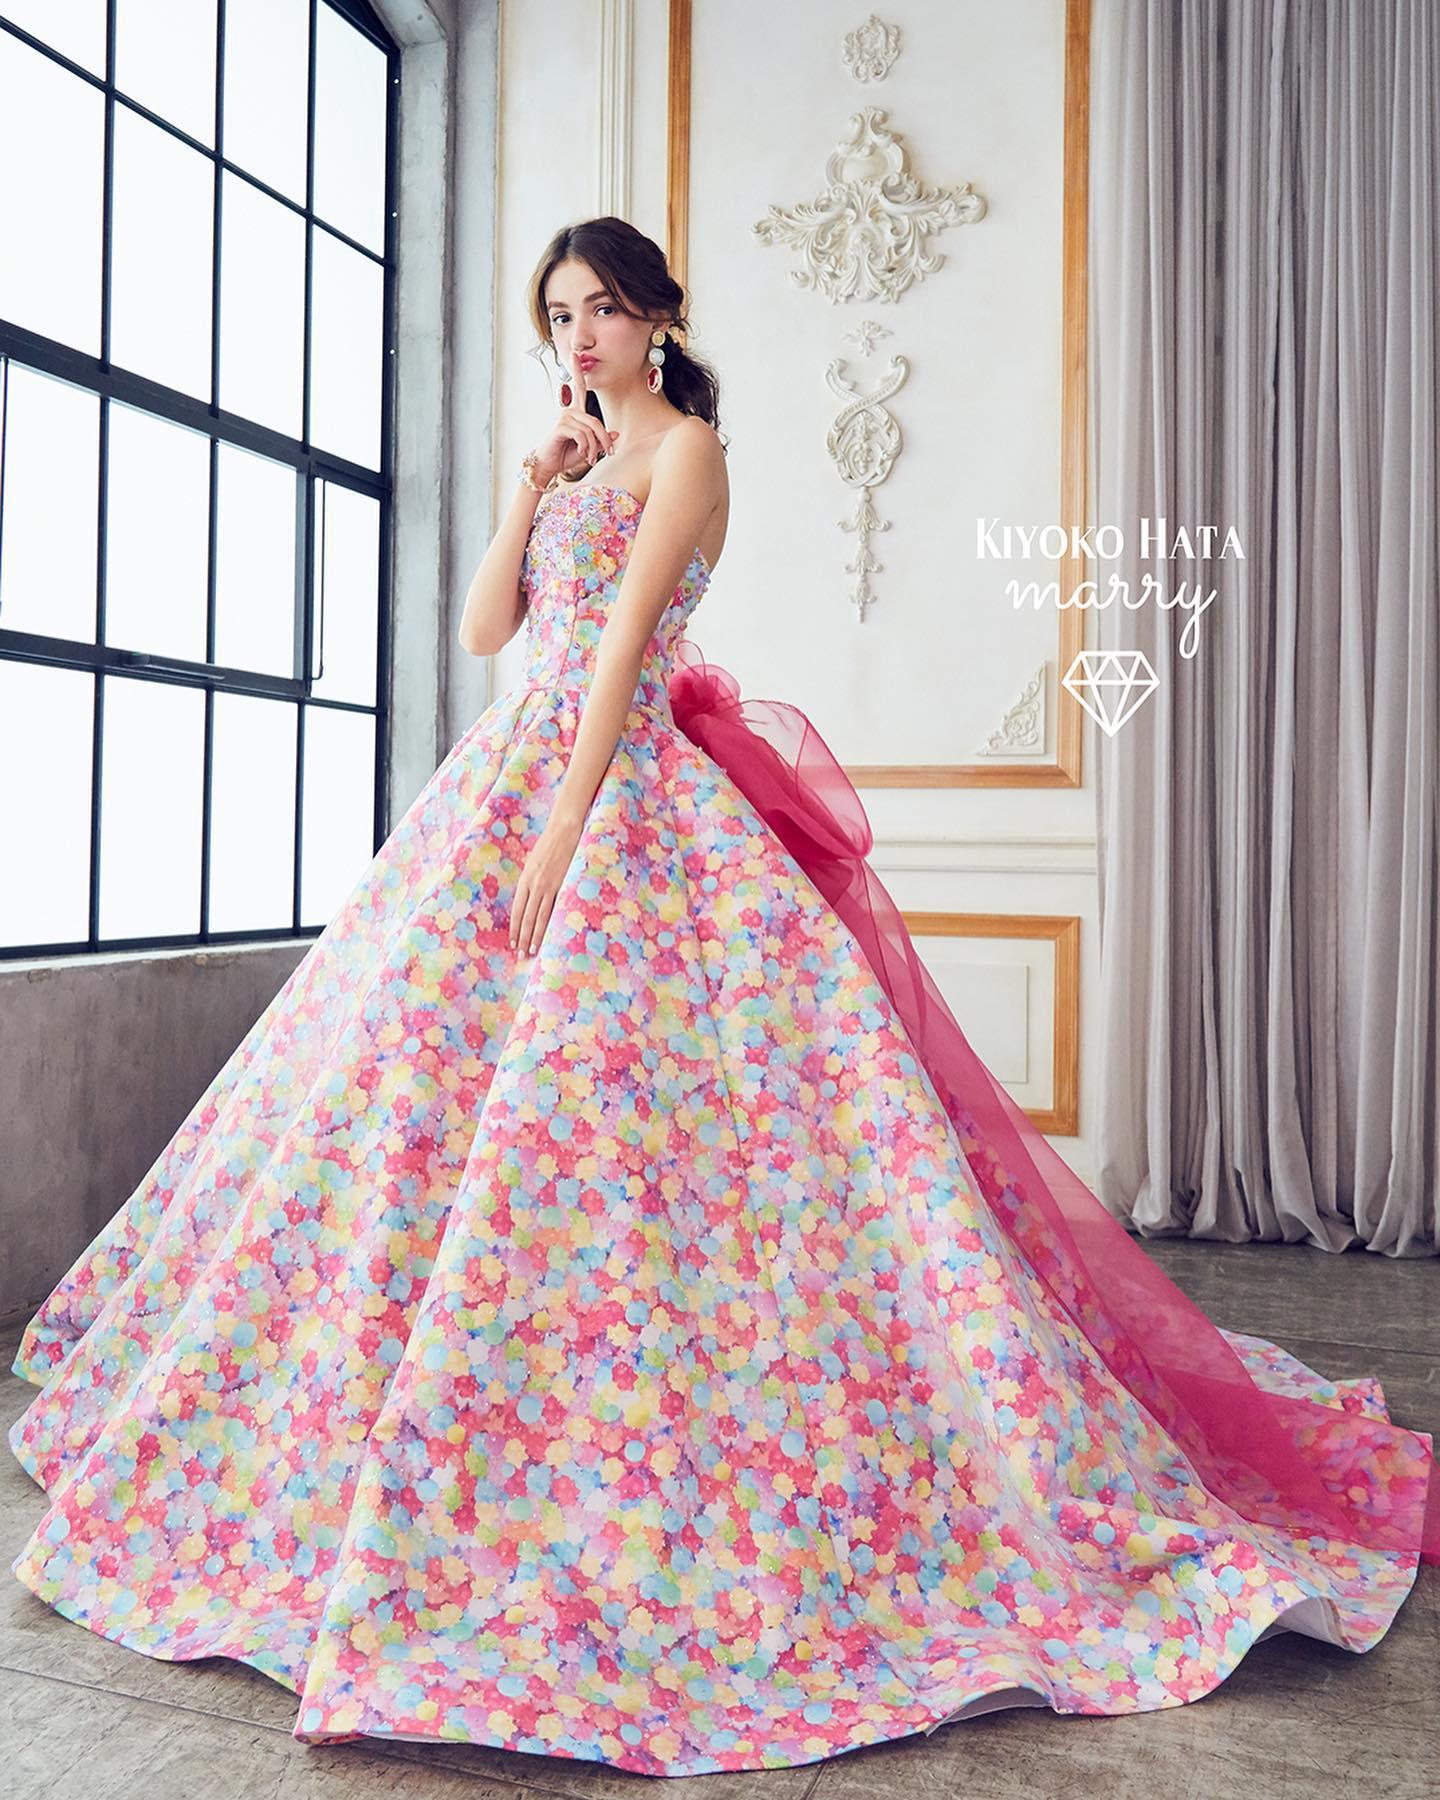 """今日は大人気の""""KIYOKO HATA × marry""""のカラードレスをご紹介🤍・キラキラ輝く宝石のようなお菓子「金平糖」と「おいり」をイメージしたドレス・幸せな結婚生活を送れますようにという意味をもつ、花嫁様にぴったりのモチーフですとっても華やかで、写真映えもバッチリですね・【KIYOKO HATA】CD0351KH-0014・#wedding #weddingdress #bridalhiro #kiyokohata #marry#ウェディングドレス #プレ花嫁 #ドレス試着 #2021冬婚 #ヘアメイク #結婚式  #ドレス選び #前撮り #後撮り #フォトウェディング #ウェディングヘア  #フォト婚 #前撮り写真 #ブライダルフォト #カップルフォト #ウェディングドレス探し #ウェディングドレス試着 #レンタルドレス #ドレスショップ #家族婚 #ブライダルヒロ #ゼクシィ #プリンセスライン #ドレス迷子 #キヨコハタ"""